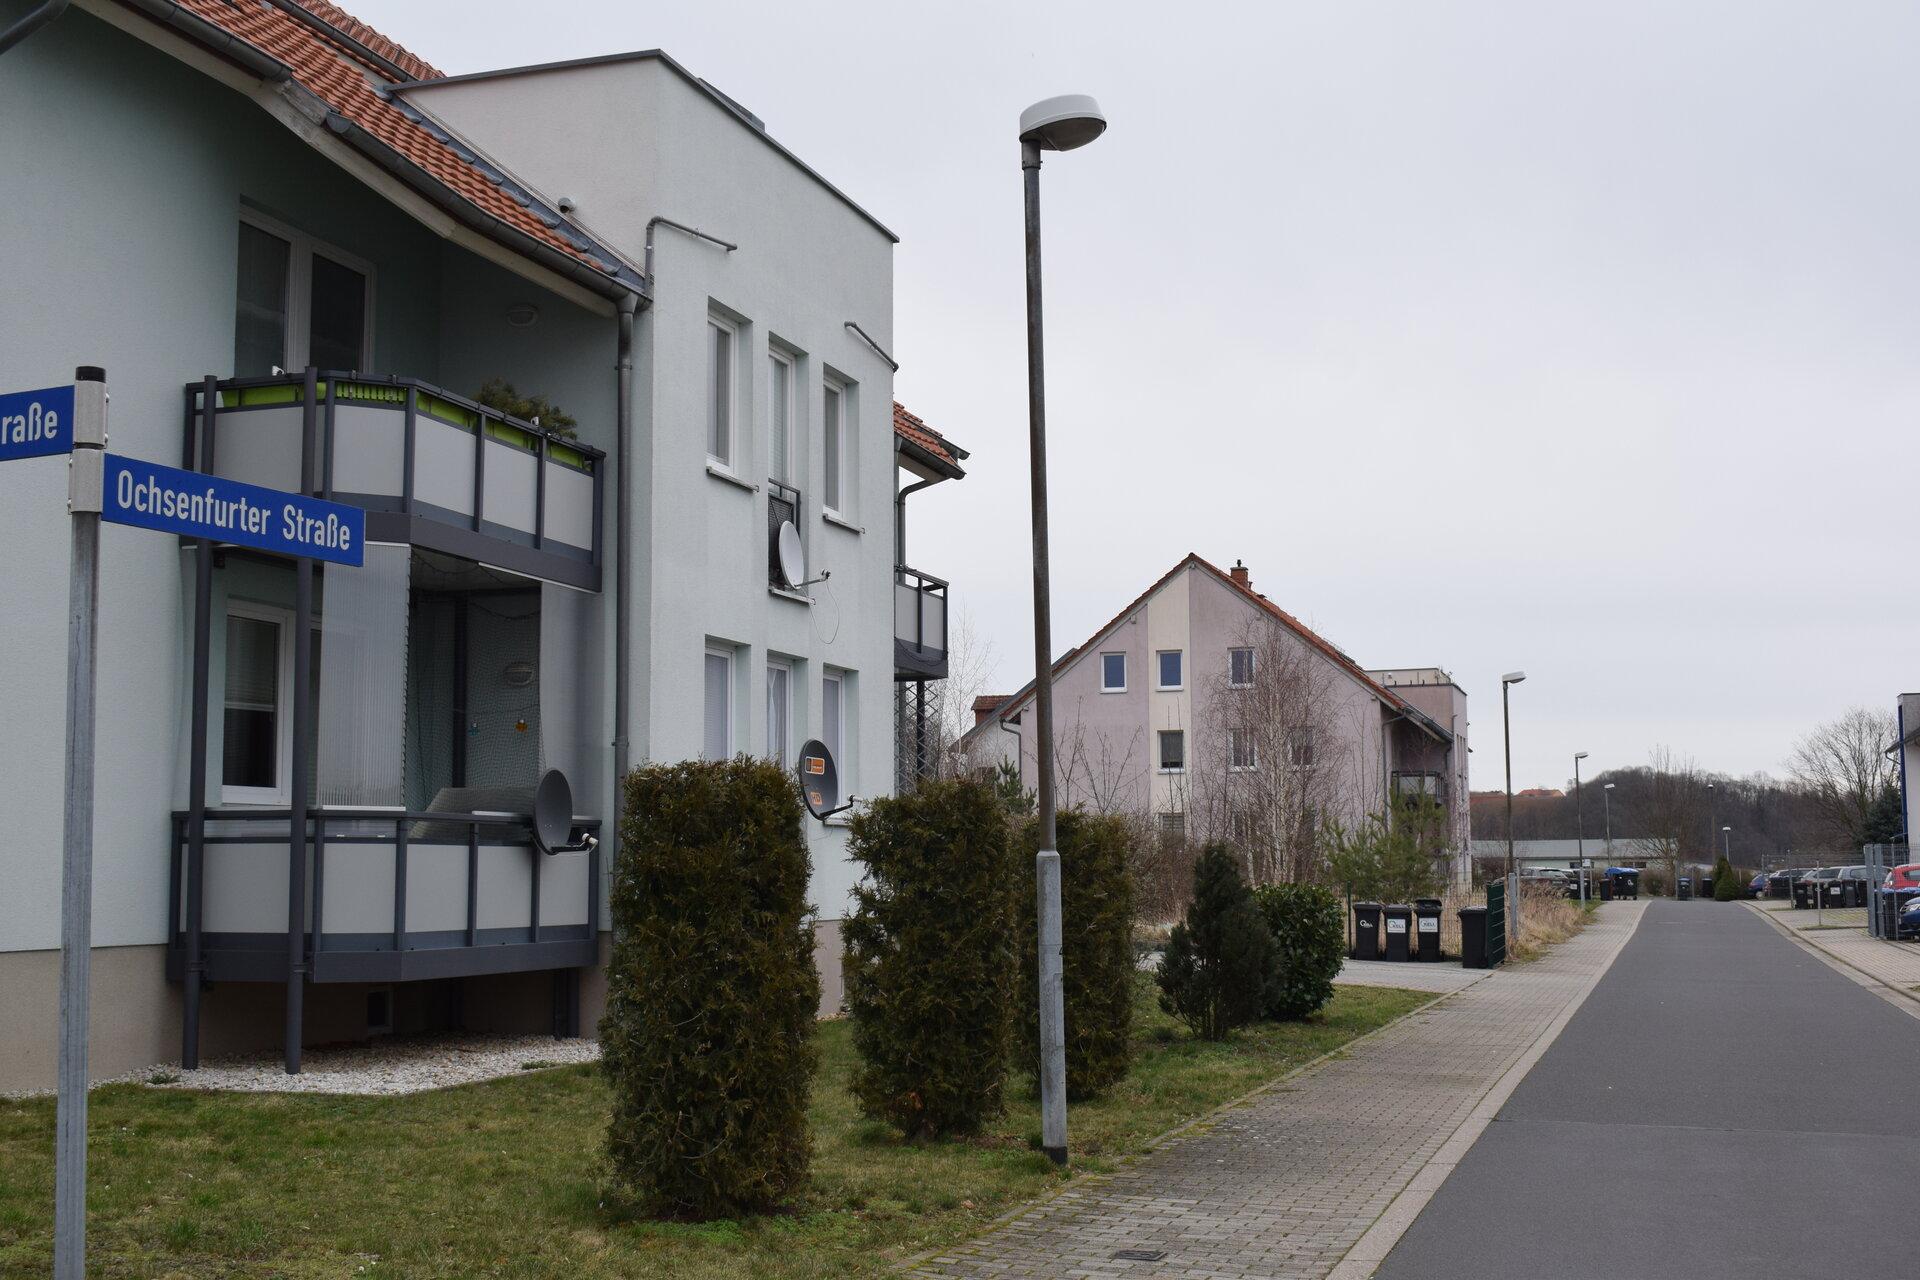 Ochsenfurter Straße im Wohn- und Gewerbegebiet